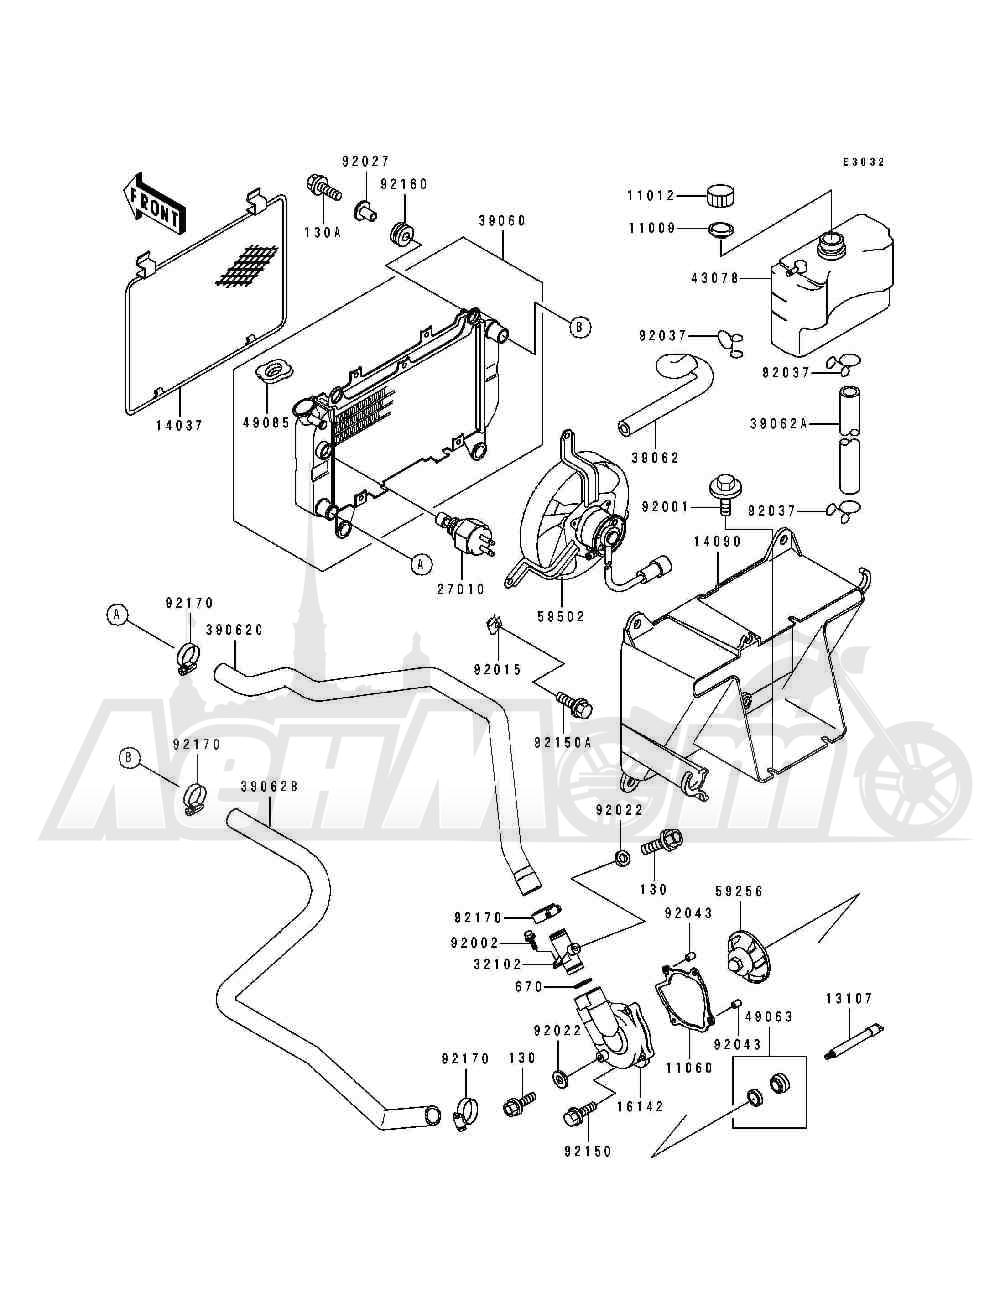 Запчасти для Квадроцикла Kawasaki 1994 BAYOU 400 4X4 (KLF400-B2) Раздел: RADIATOR   радиатор